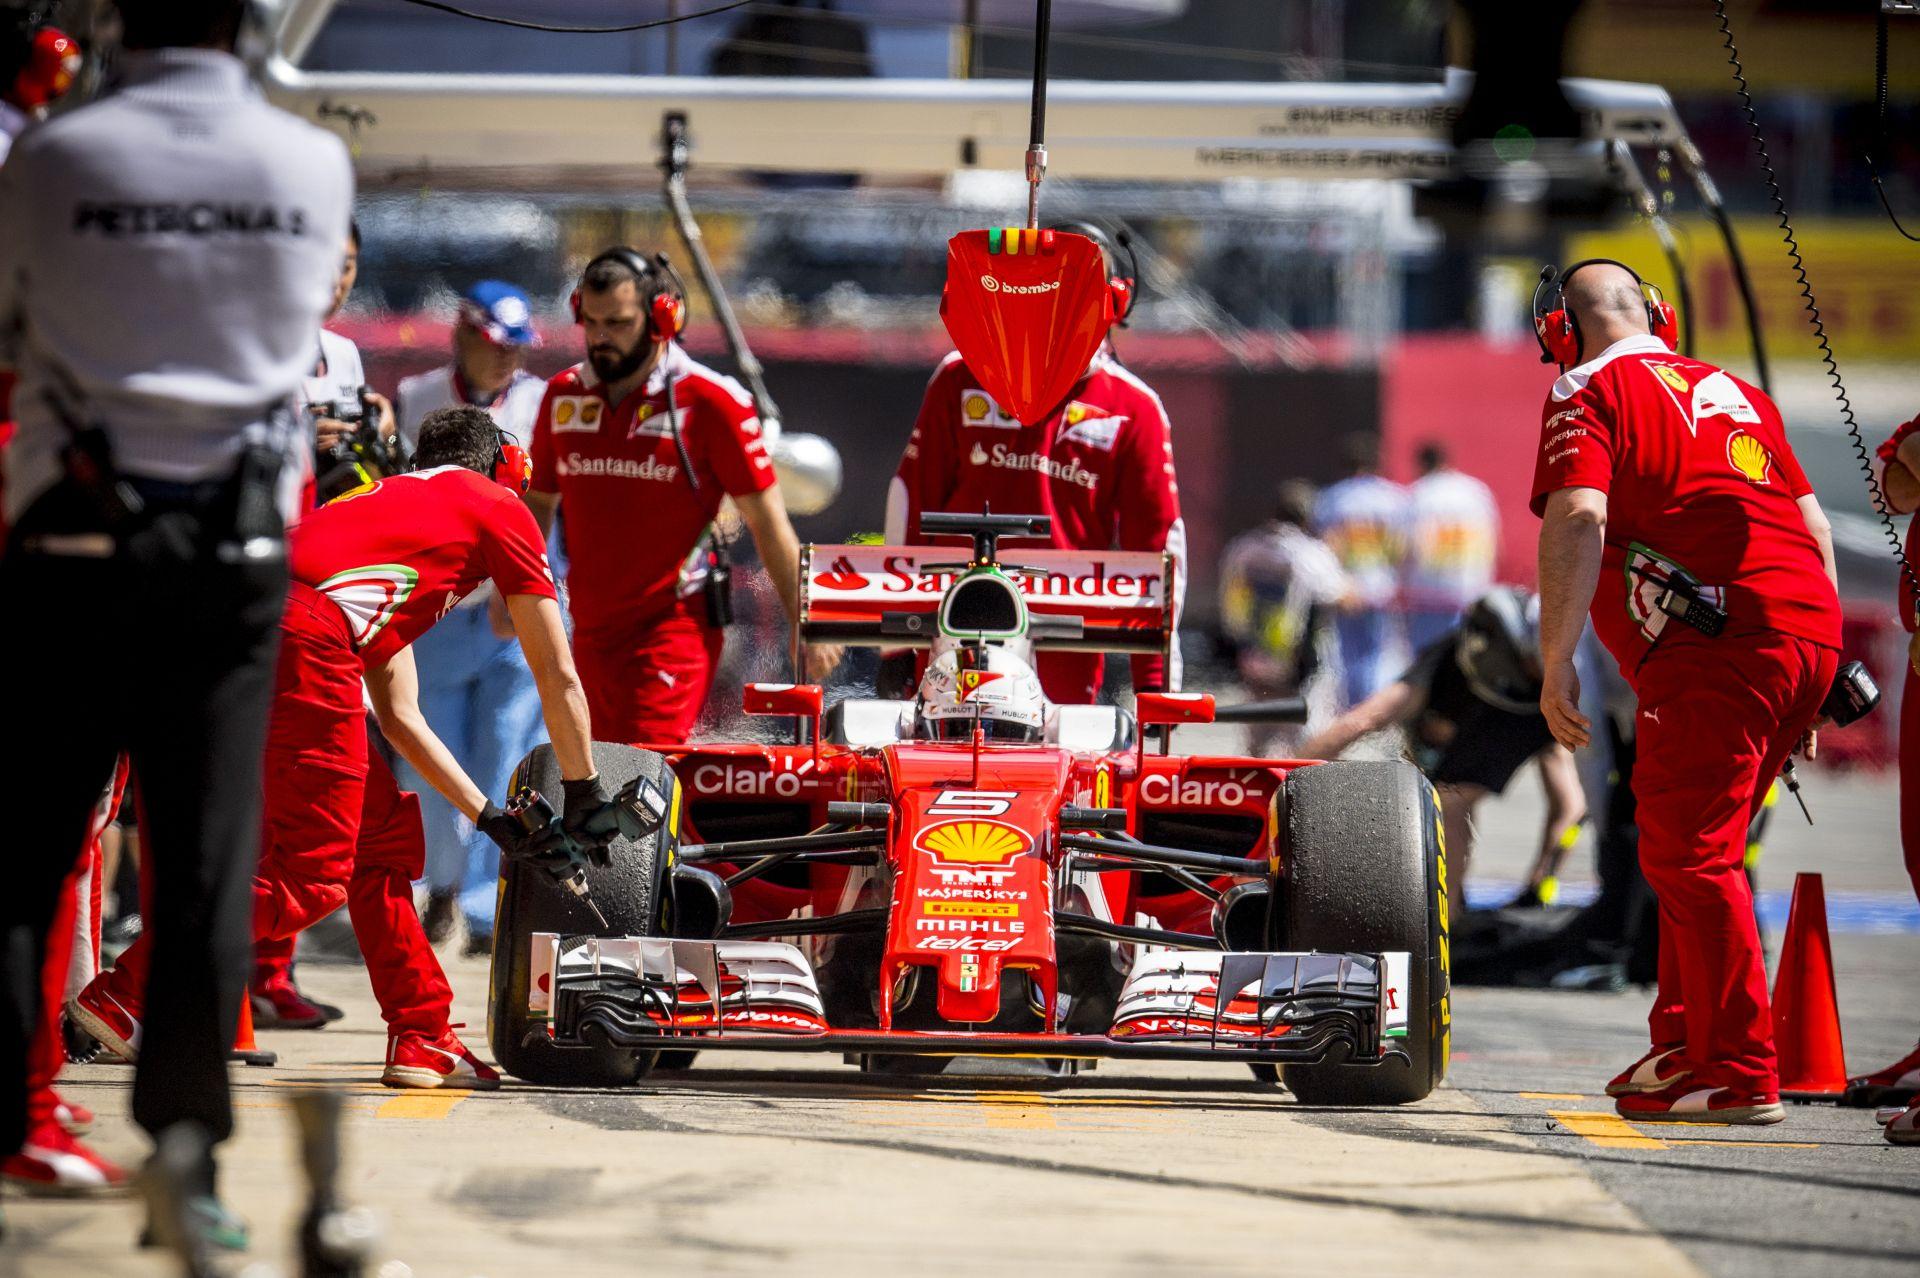 Hasonlóan a Red Bullhoz, Vettel is nagyon bízik a monacói futamban